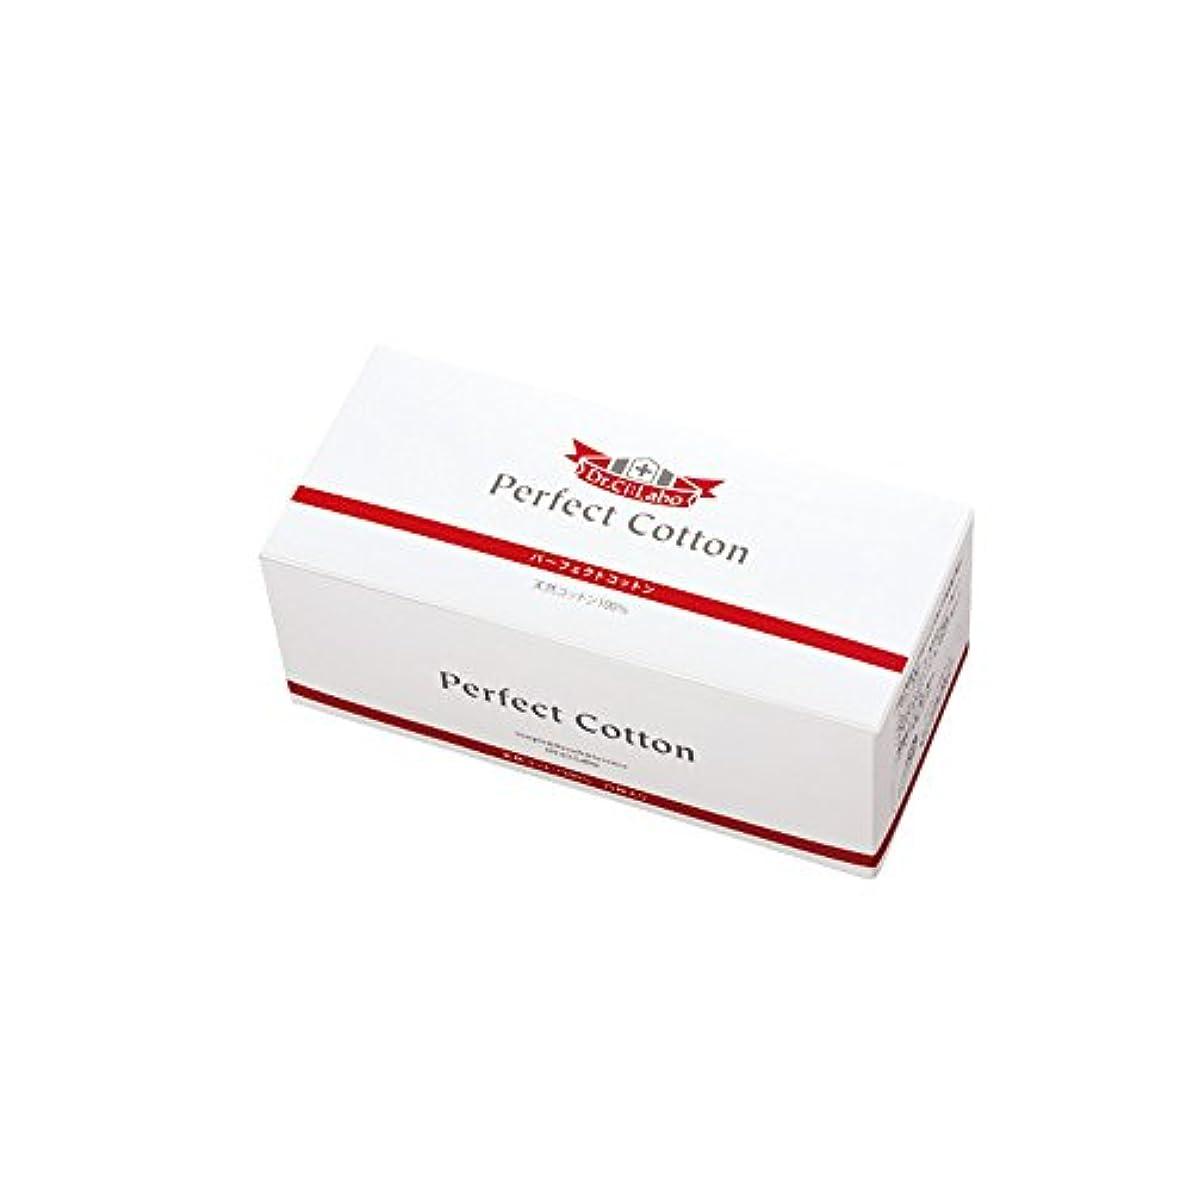 未使用ネーピア素朴なドクターシーラボ パーフェクトコットン 大判サイズ(8cm×6cm) 75枚 コットンパフ